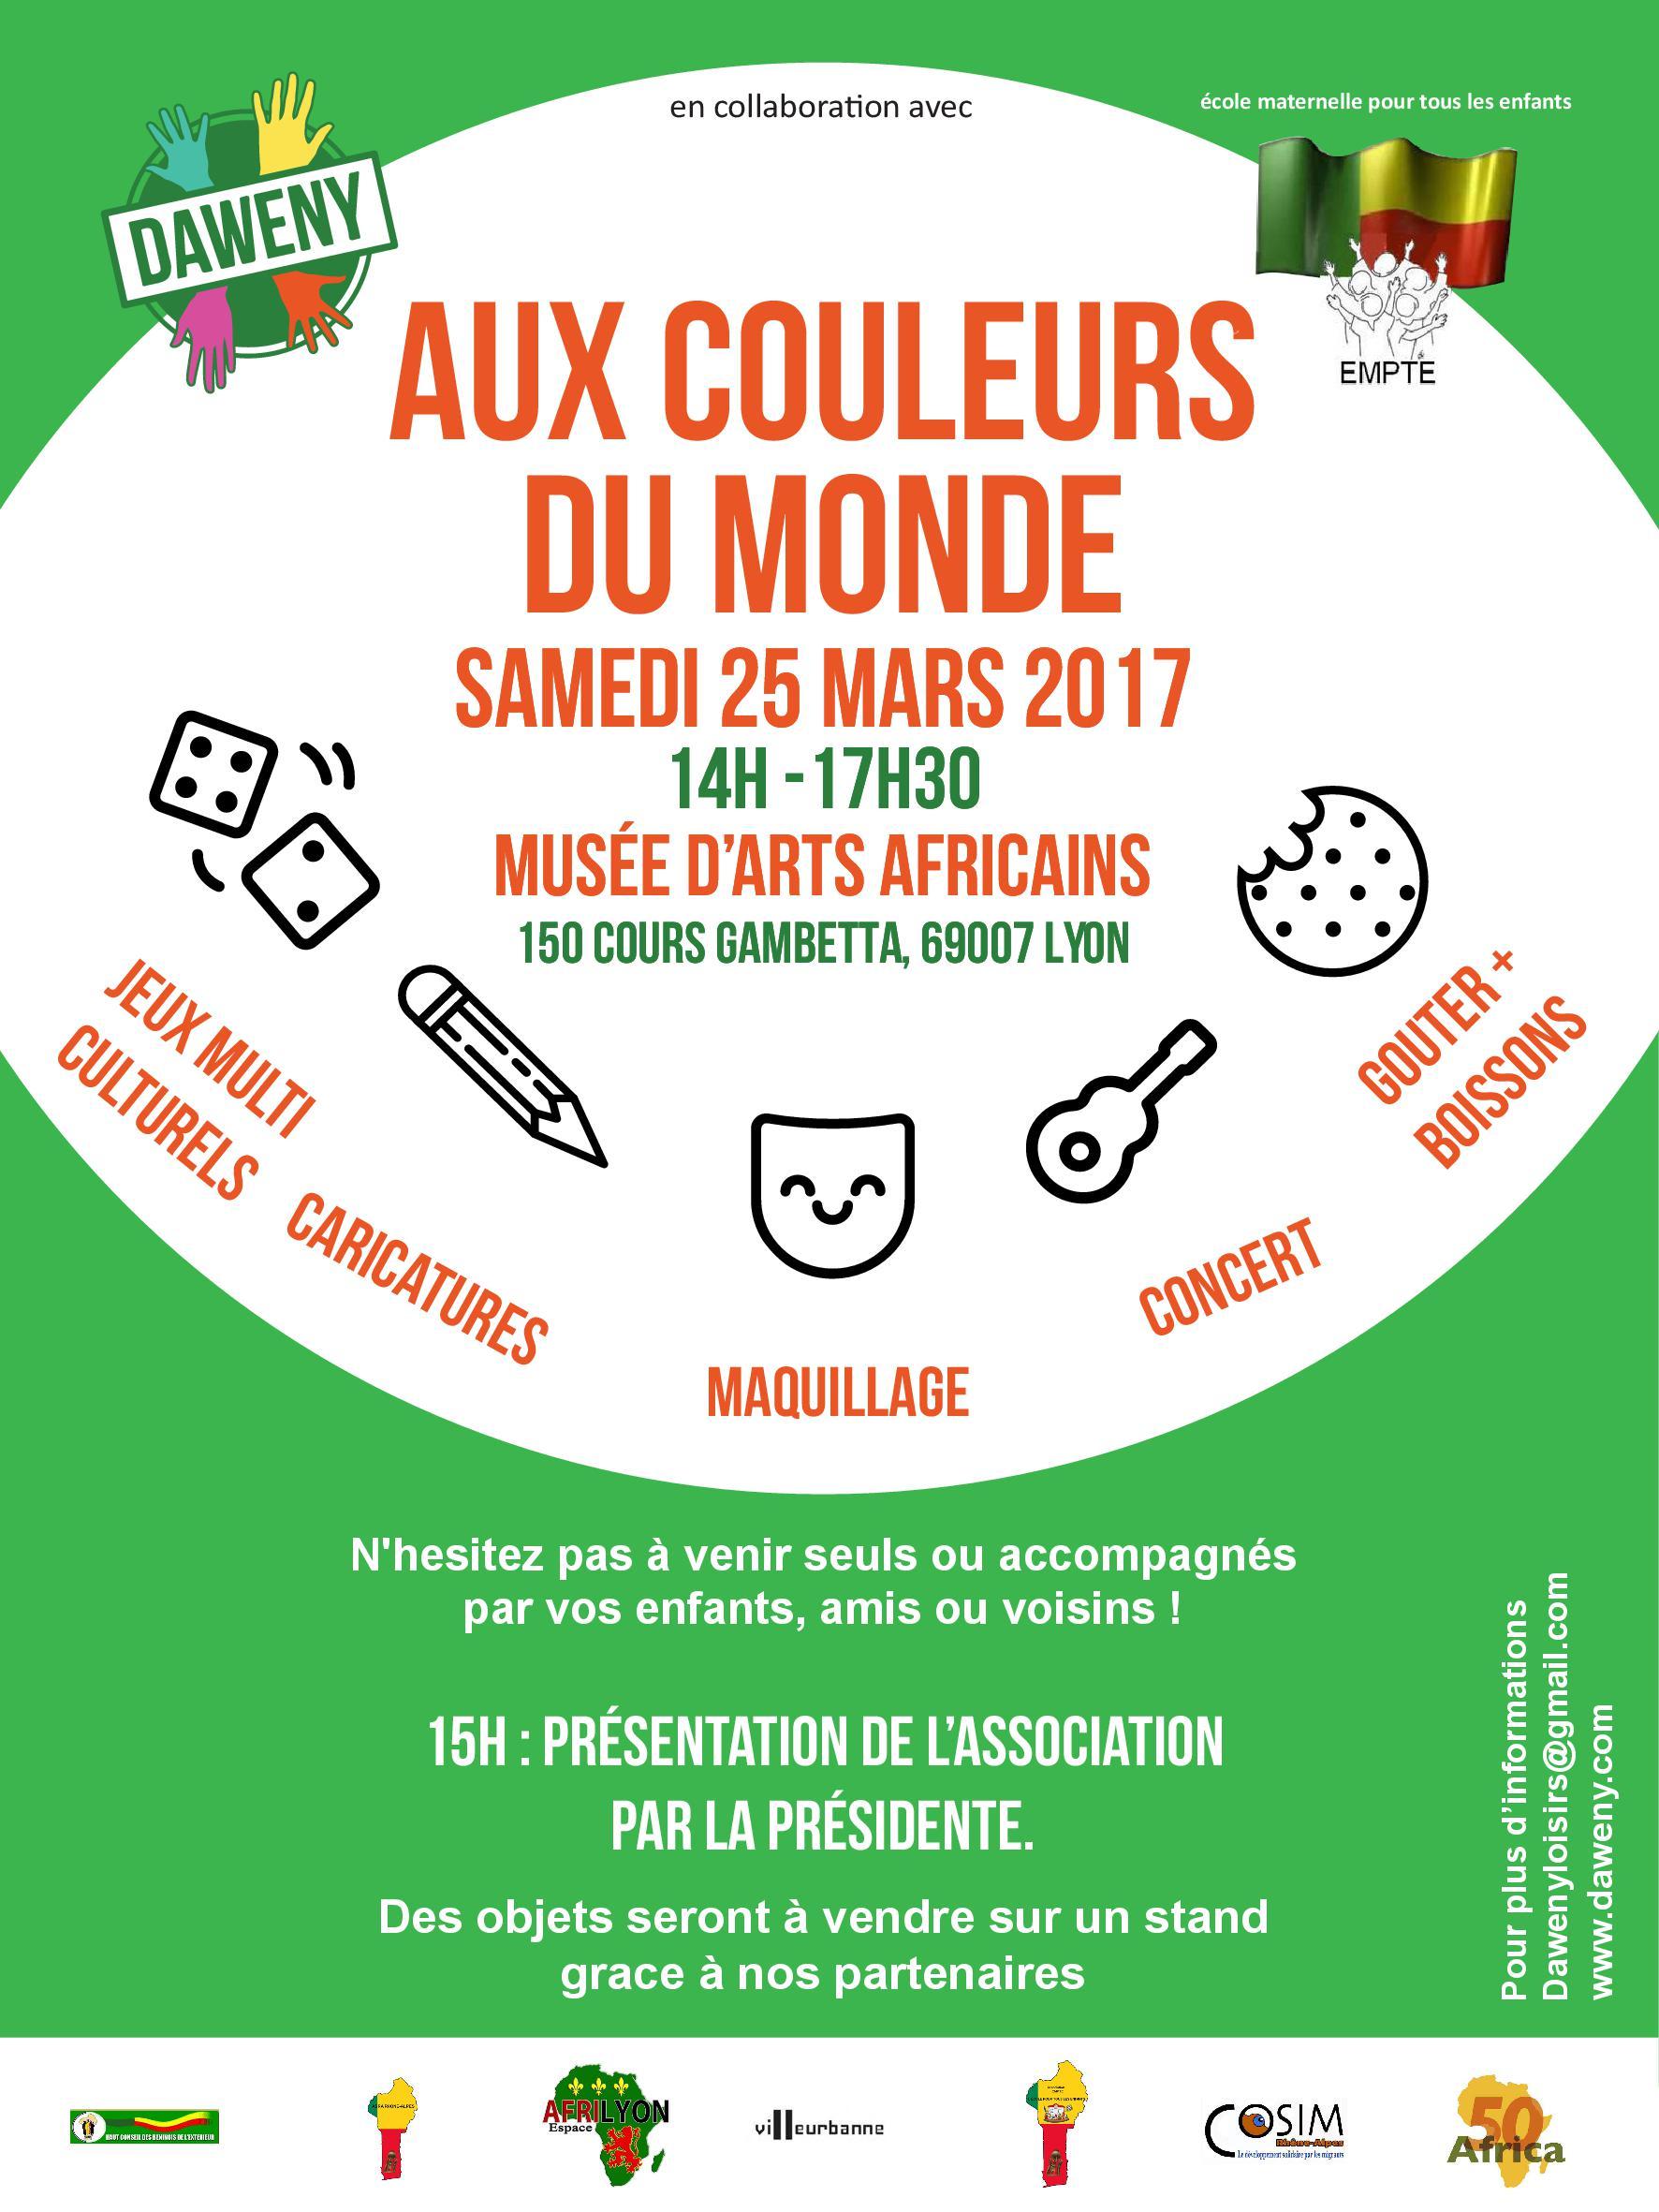 [ENFANTS] Vif succès de l'après-midi récréative « Aux couleurs du monde » ce 25 mars 2017 à Lyon